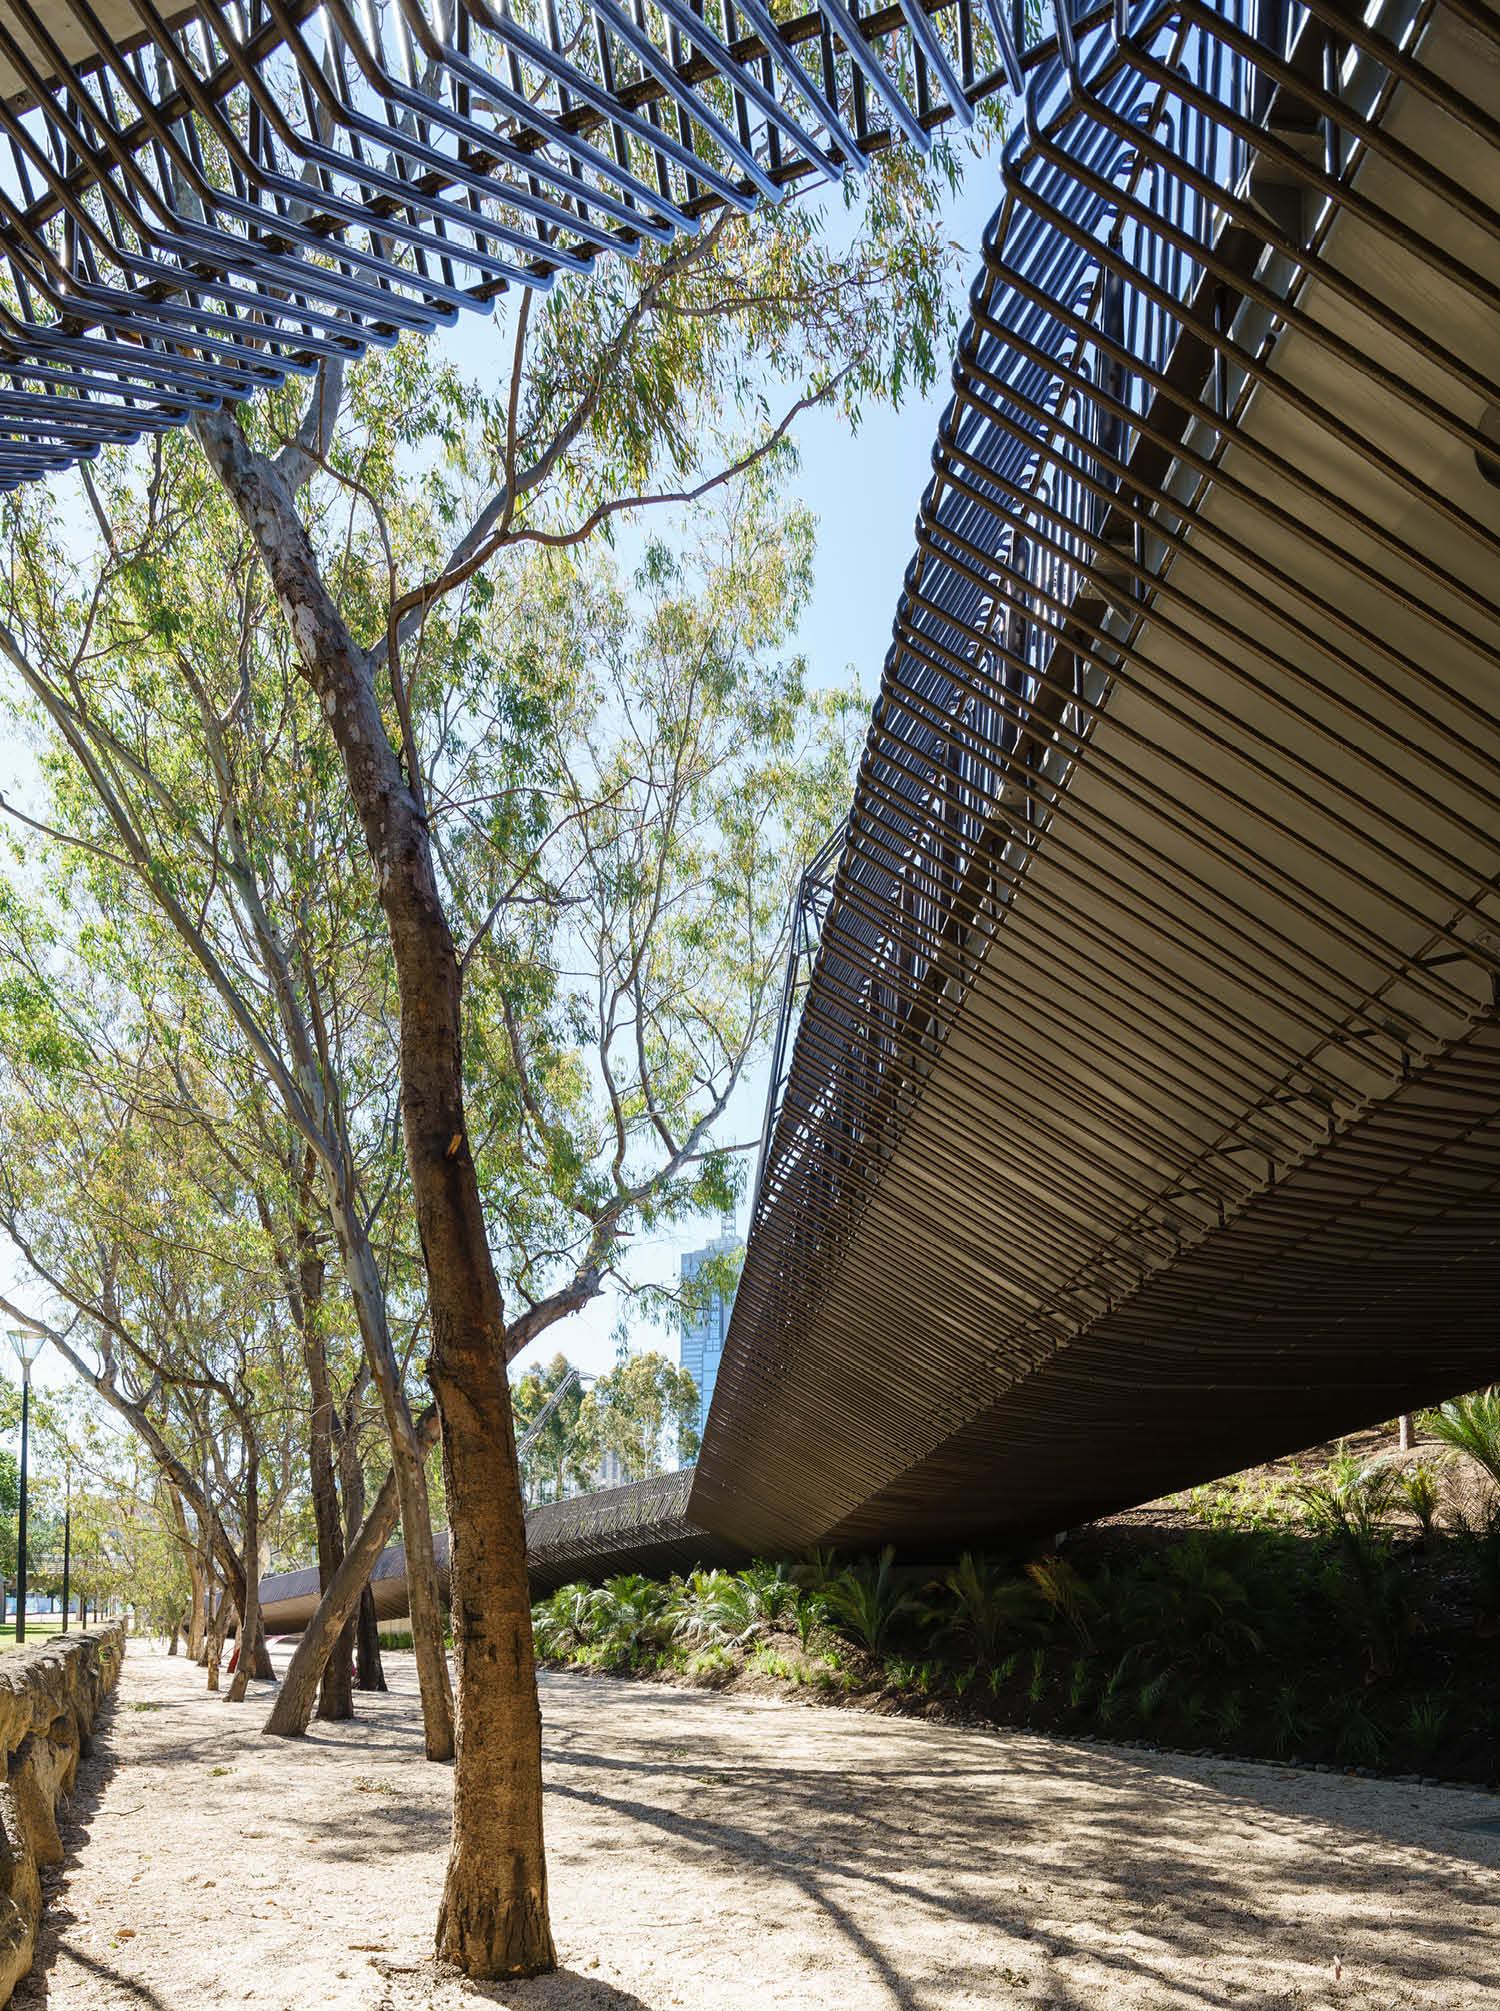 The bridge settles into the landscape after crossing Batman Avenue